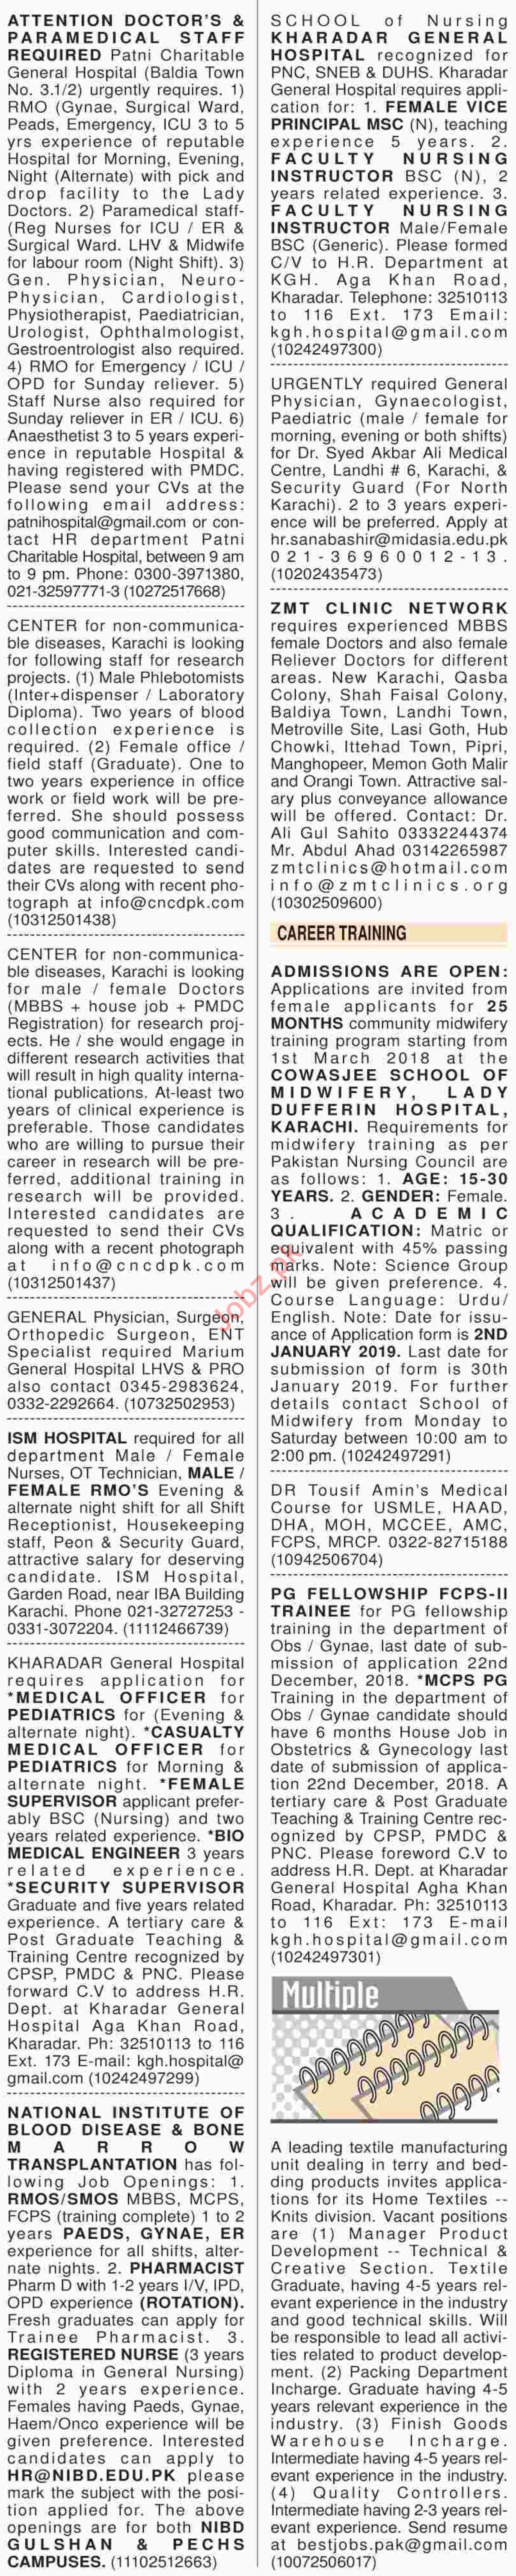 Dawn Sunday Classified Ads 16th Dec 2018 Medical Staff